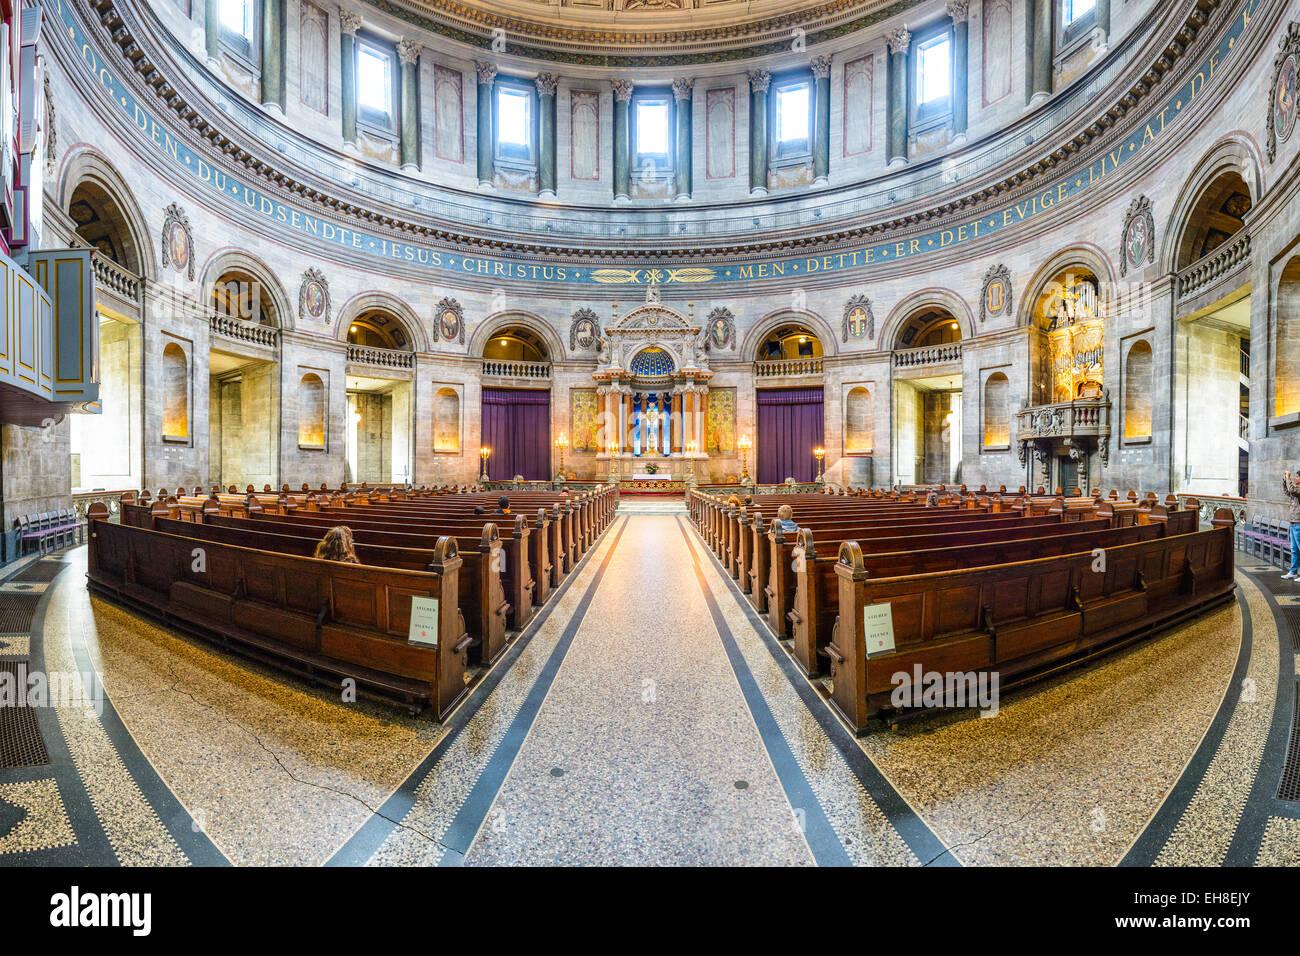 Frederik's intérieur de l'Église. Populairement connu comme l'église de marbre, il a Photo Stock